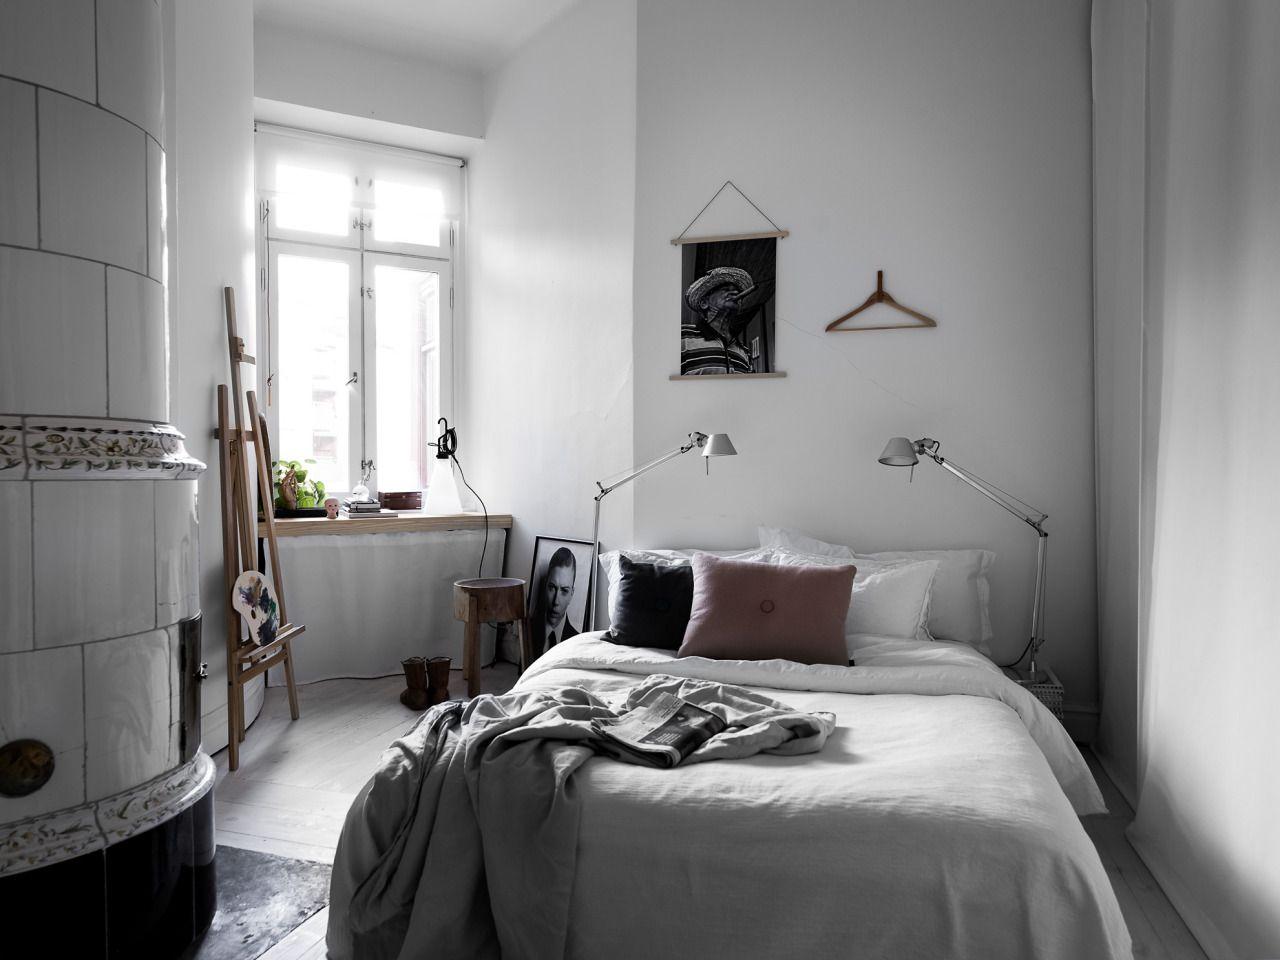 Bedroom with kakelugn